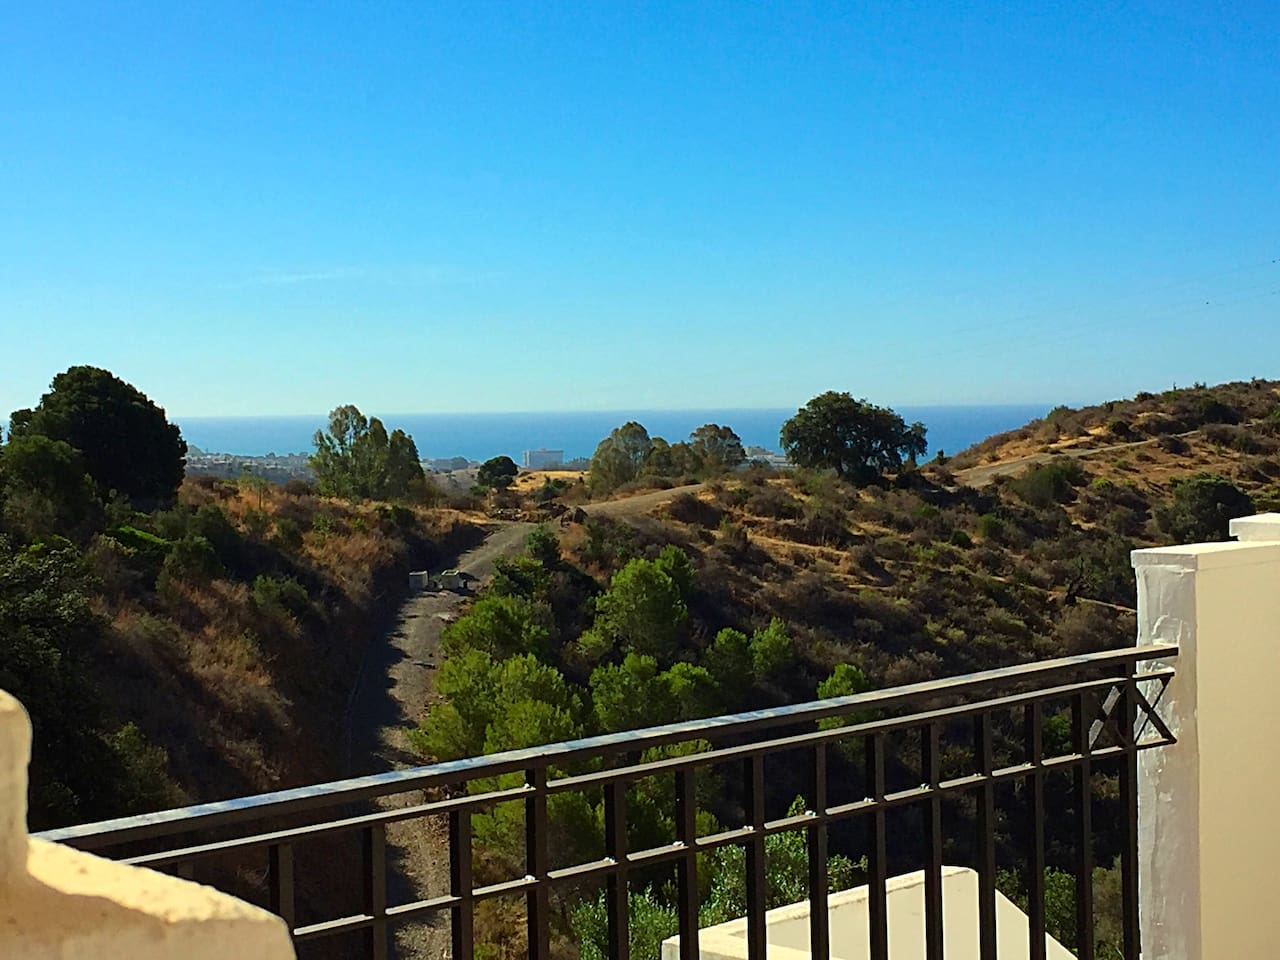 Atemberaubender Meerblick von der Terrasse der Feroemwohnung in Marbella.